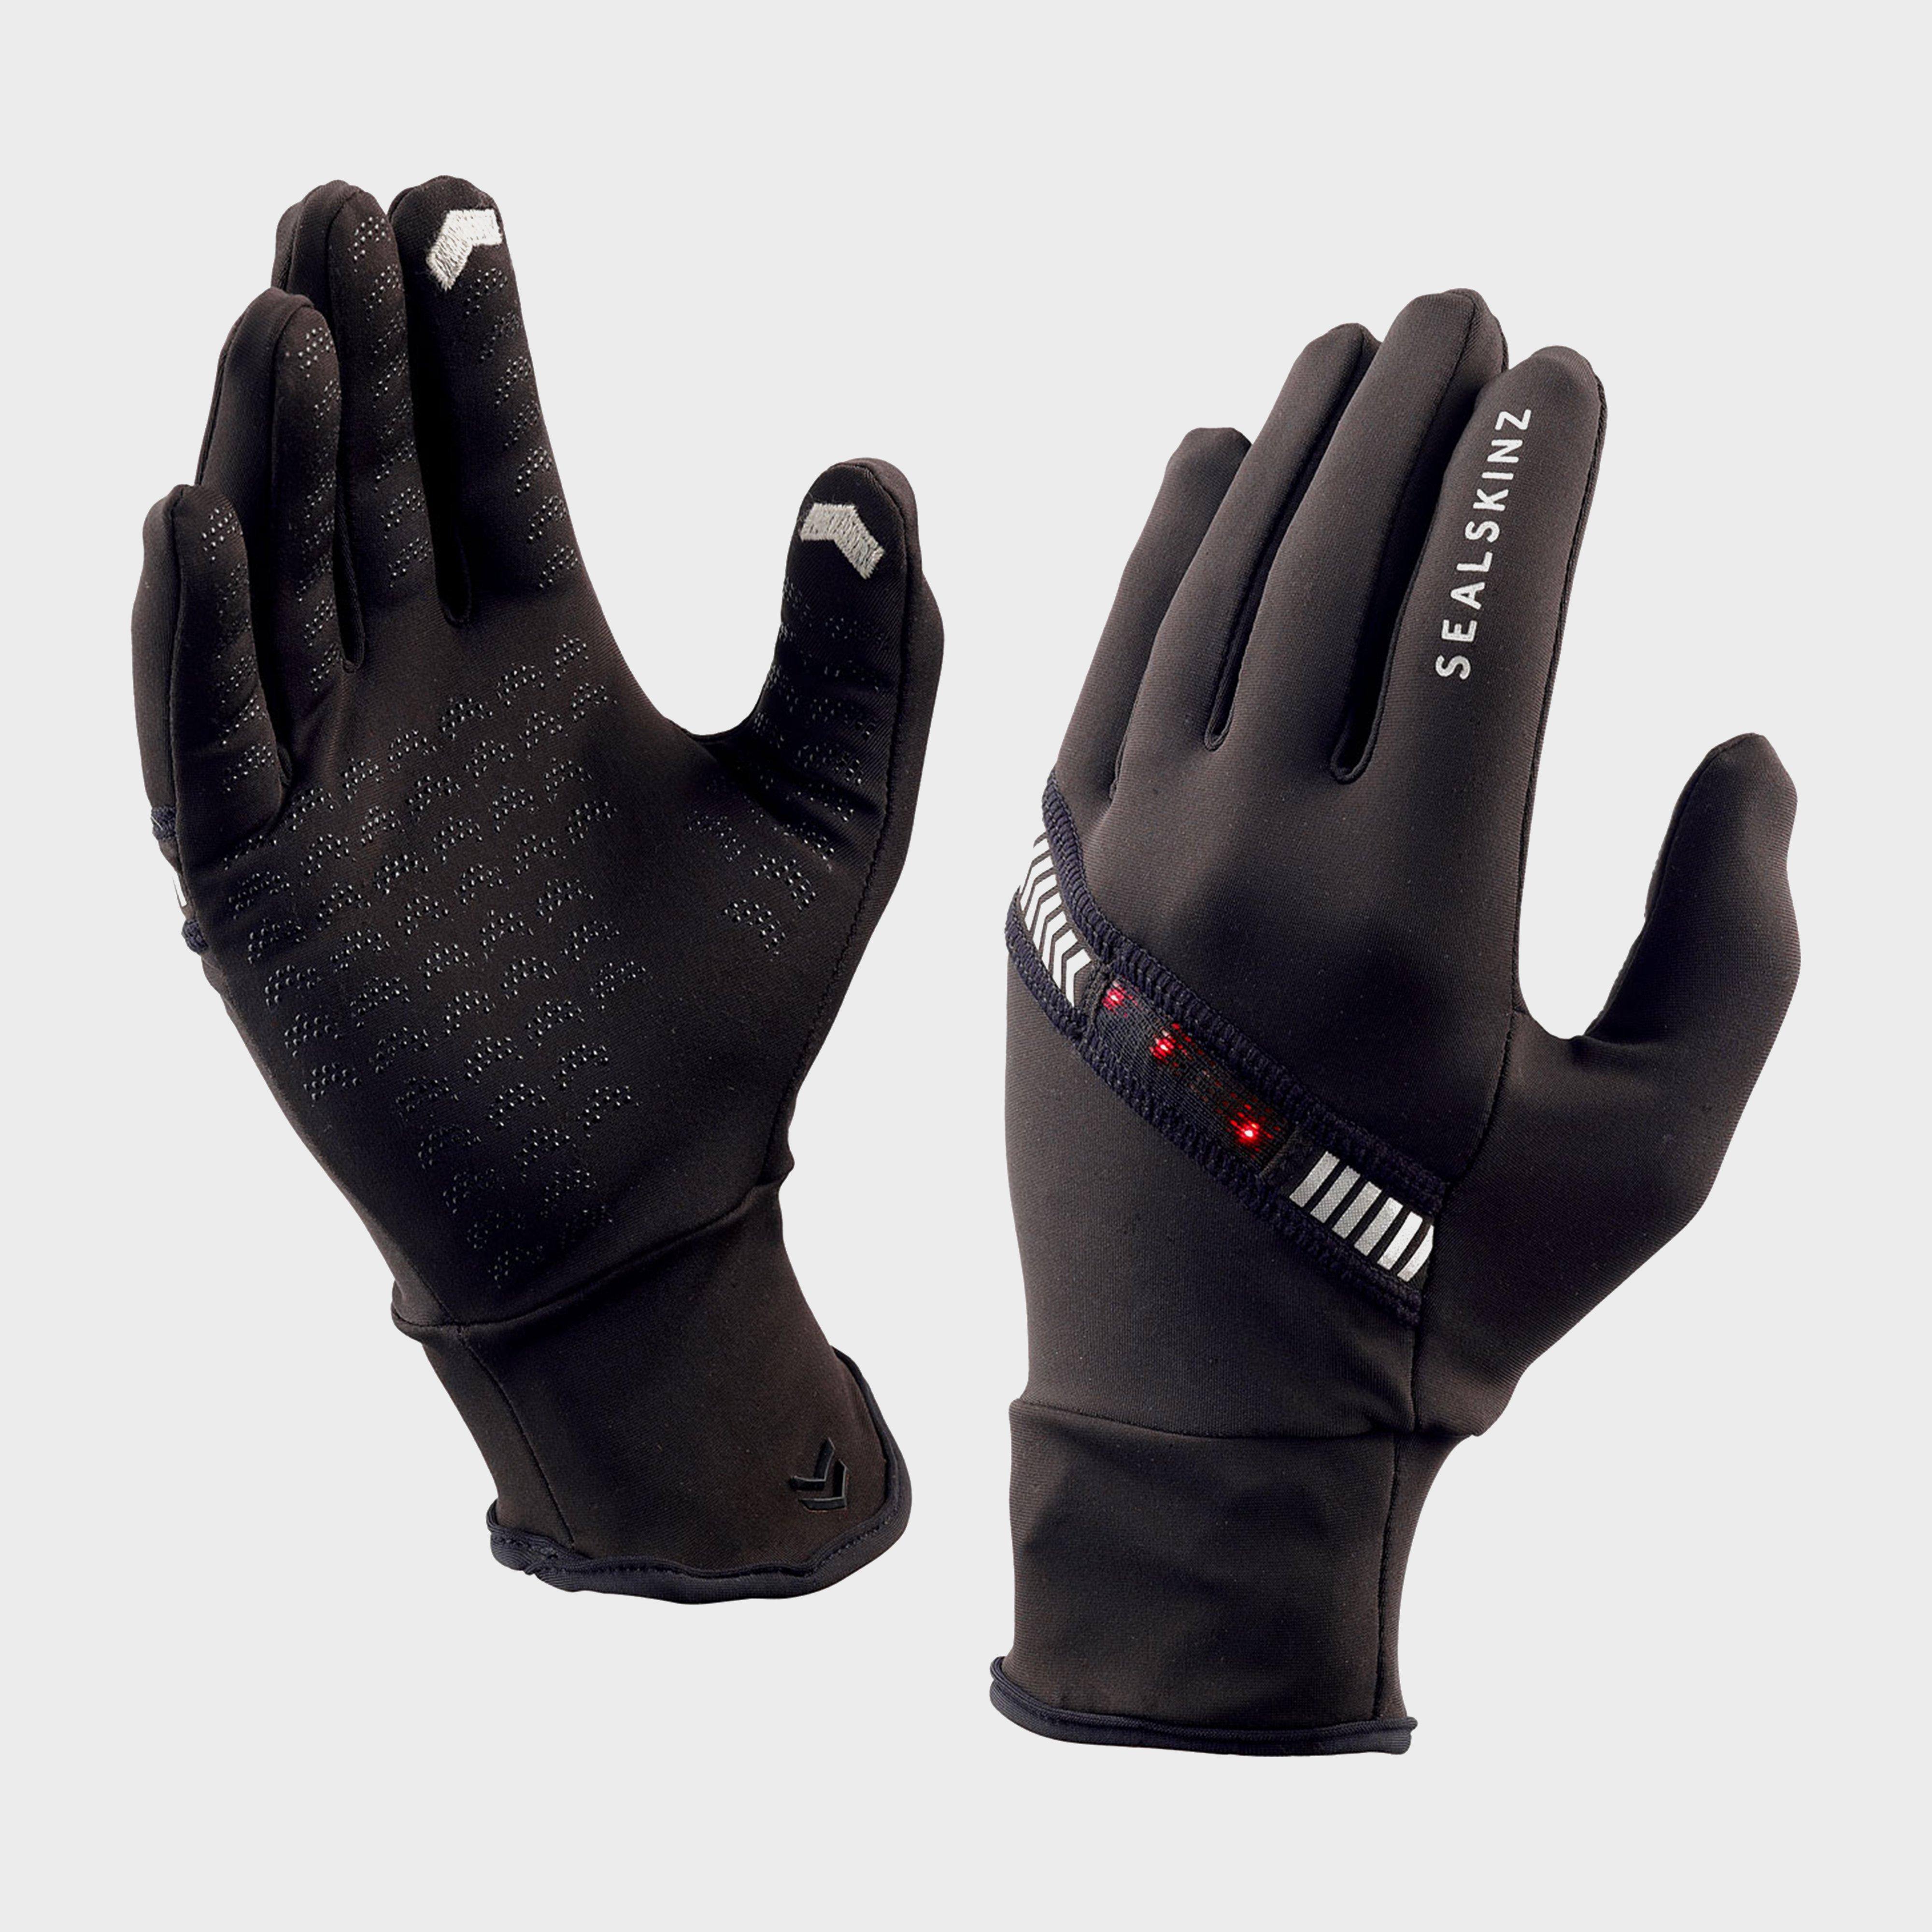 Sealskinz HALO Running Glove - Black, Black